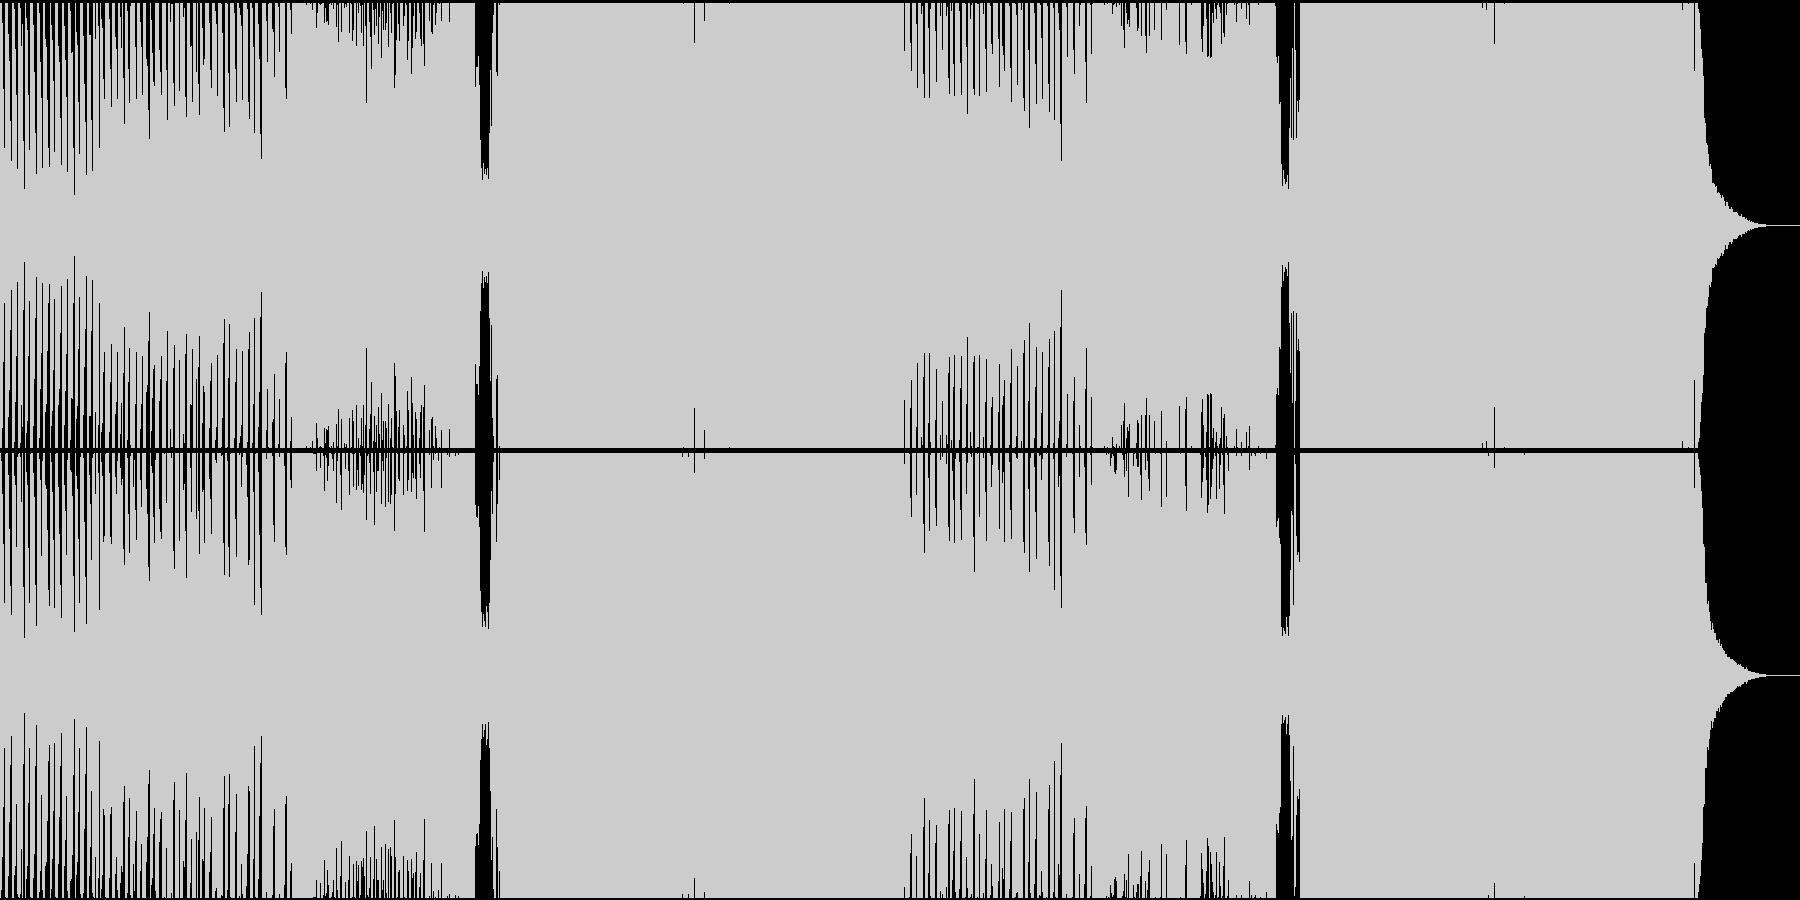 【女性ボーカル】かわいいトロピカルハウスの未再生の波形